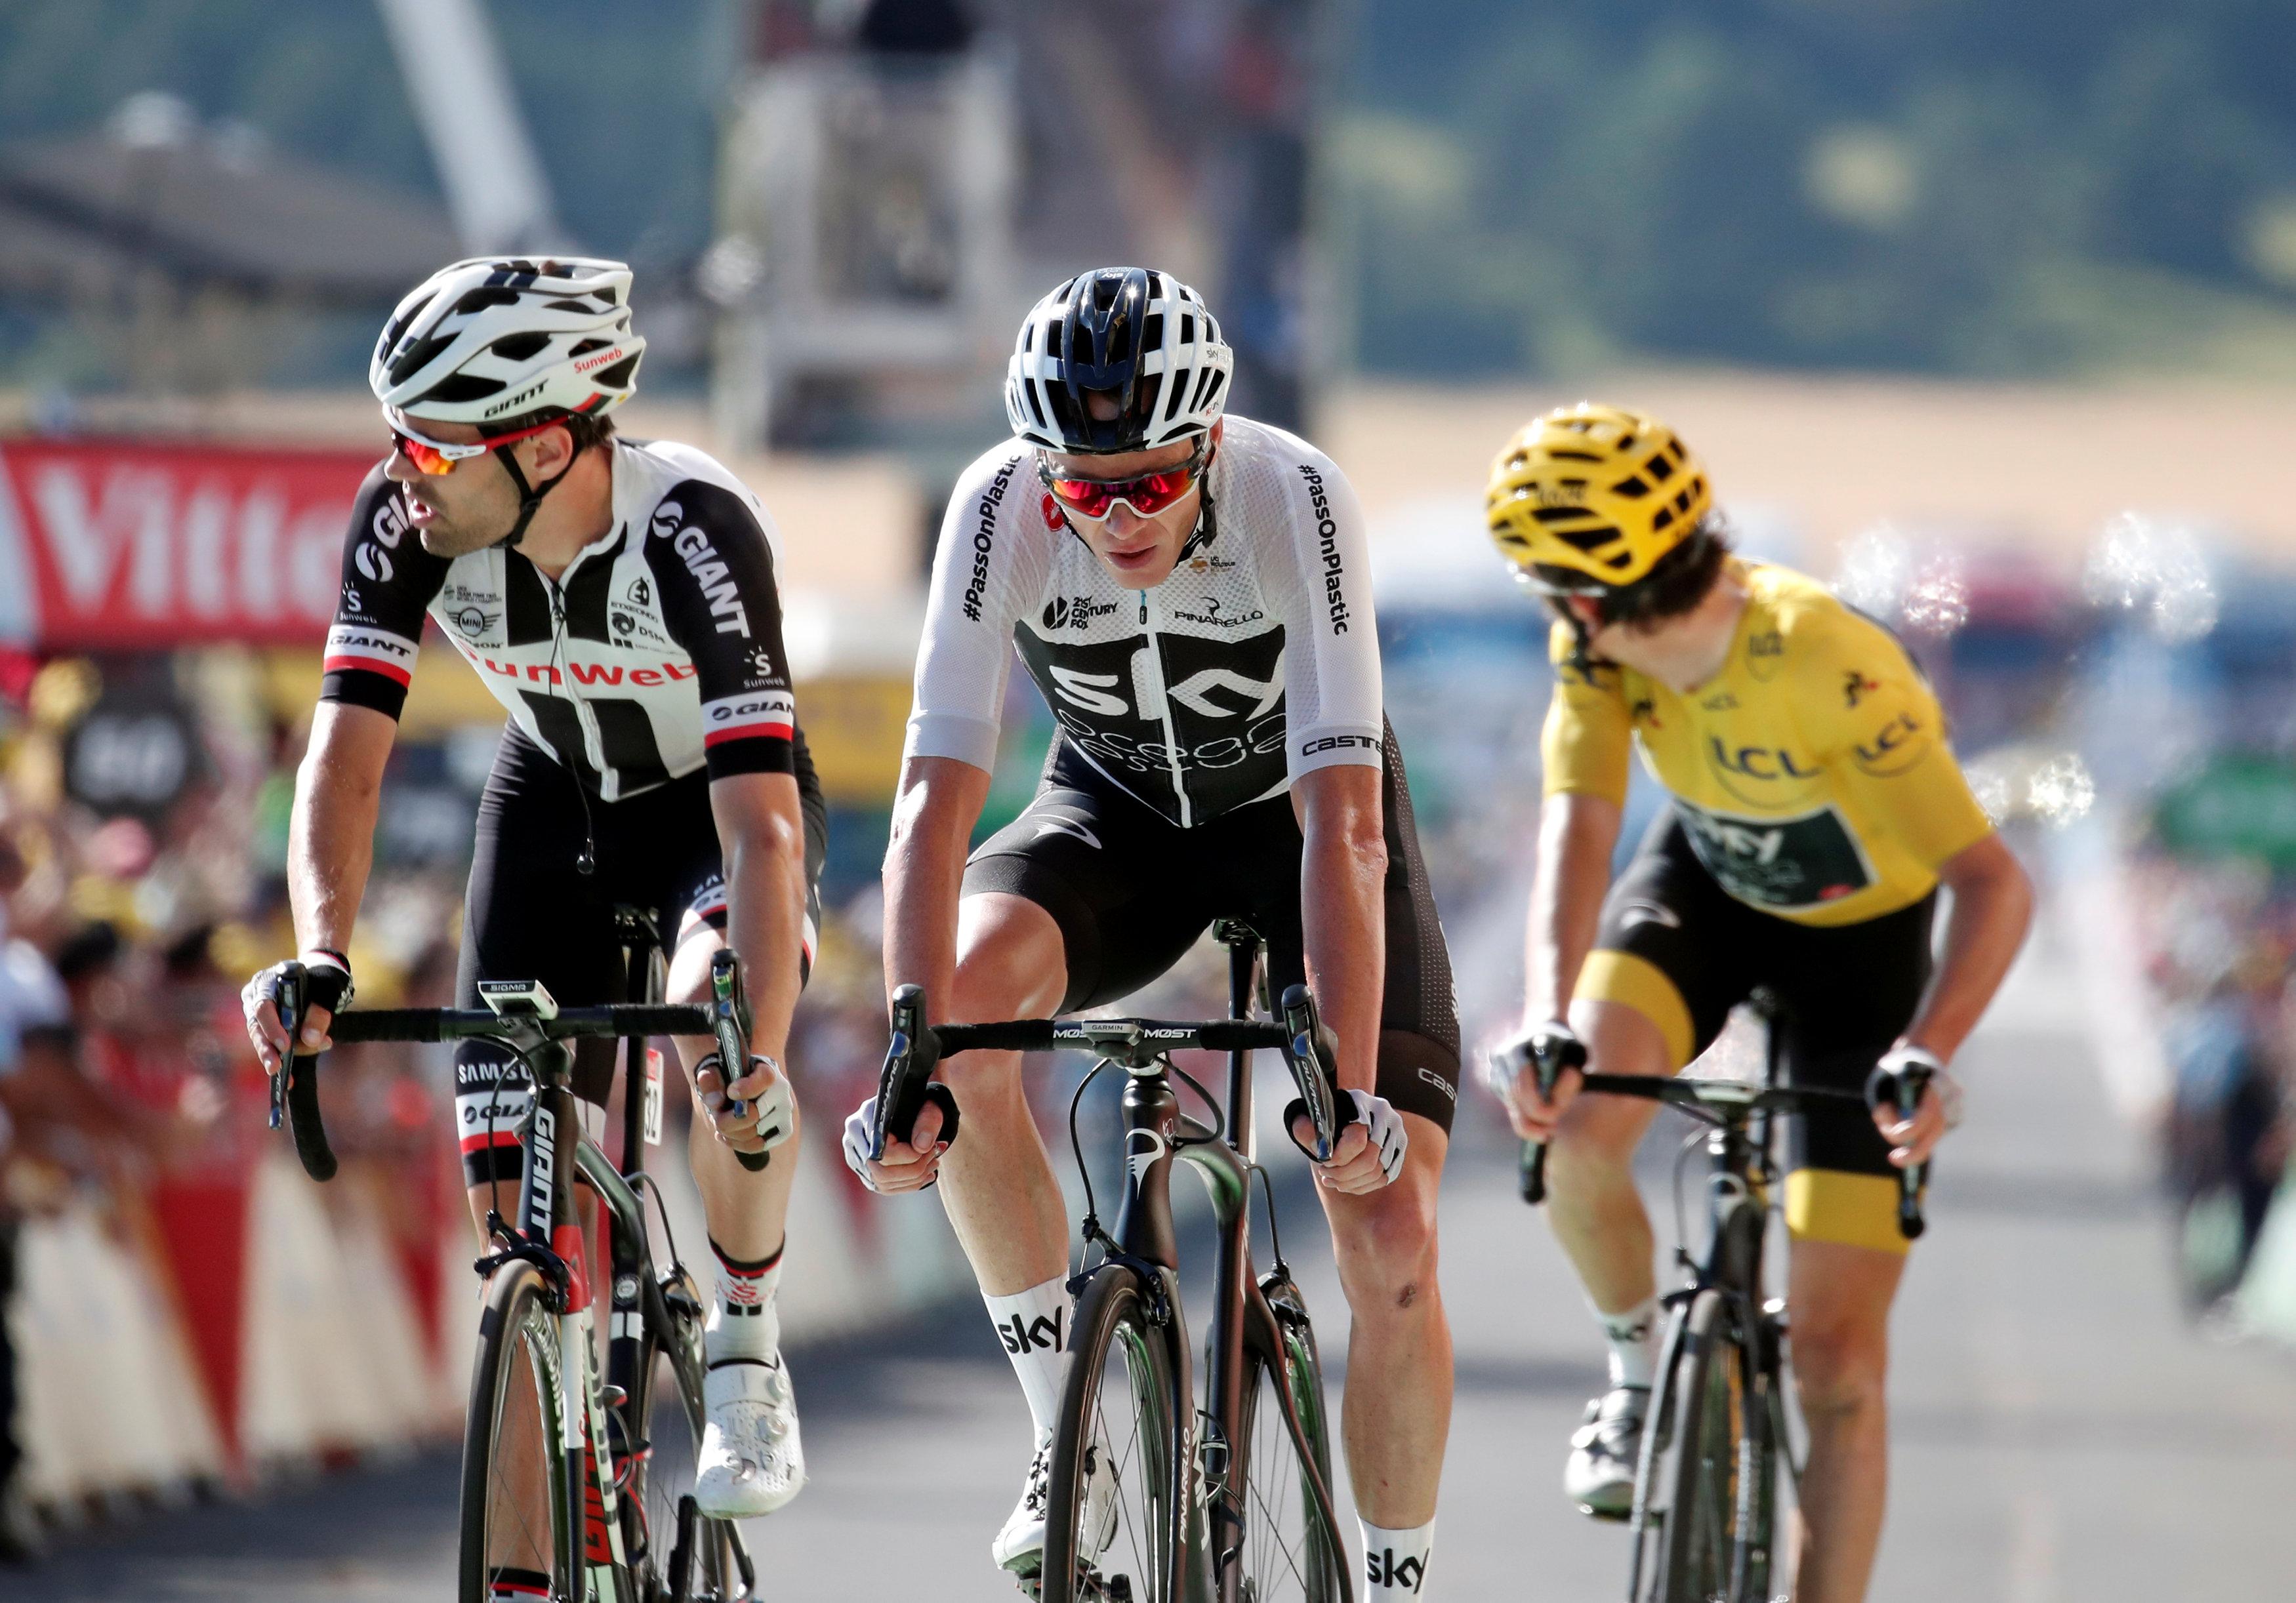 Cyclisme -  Tour de France - Tour de France : duels aux sommets